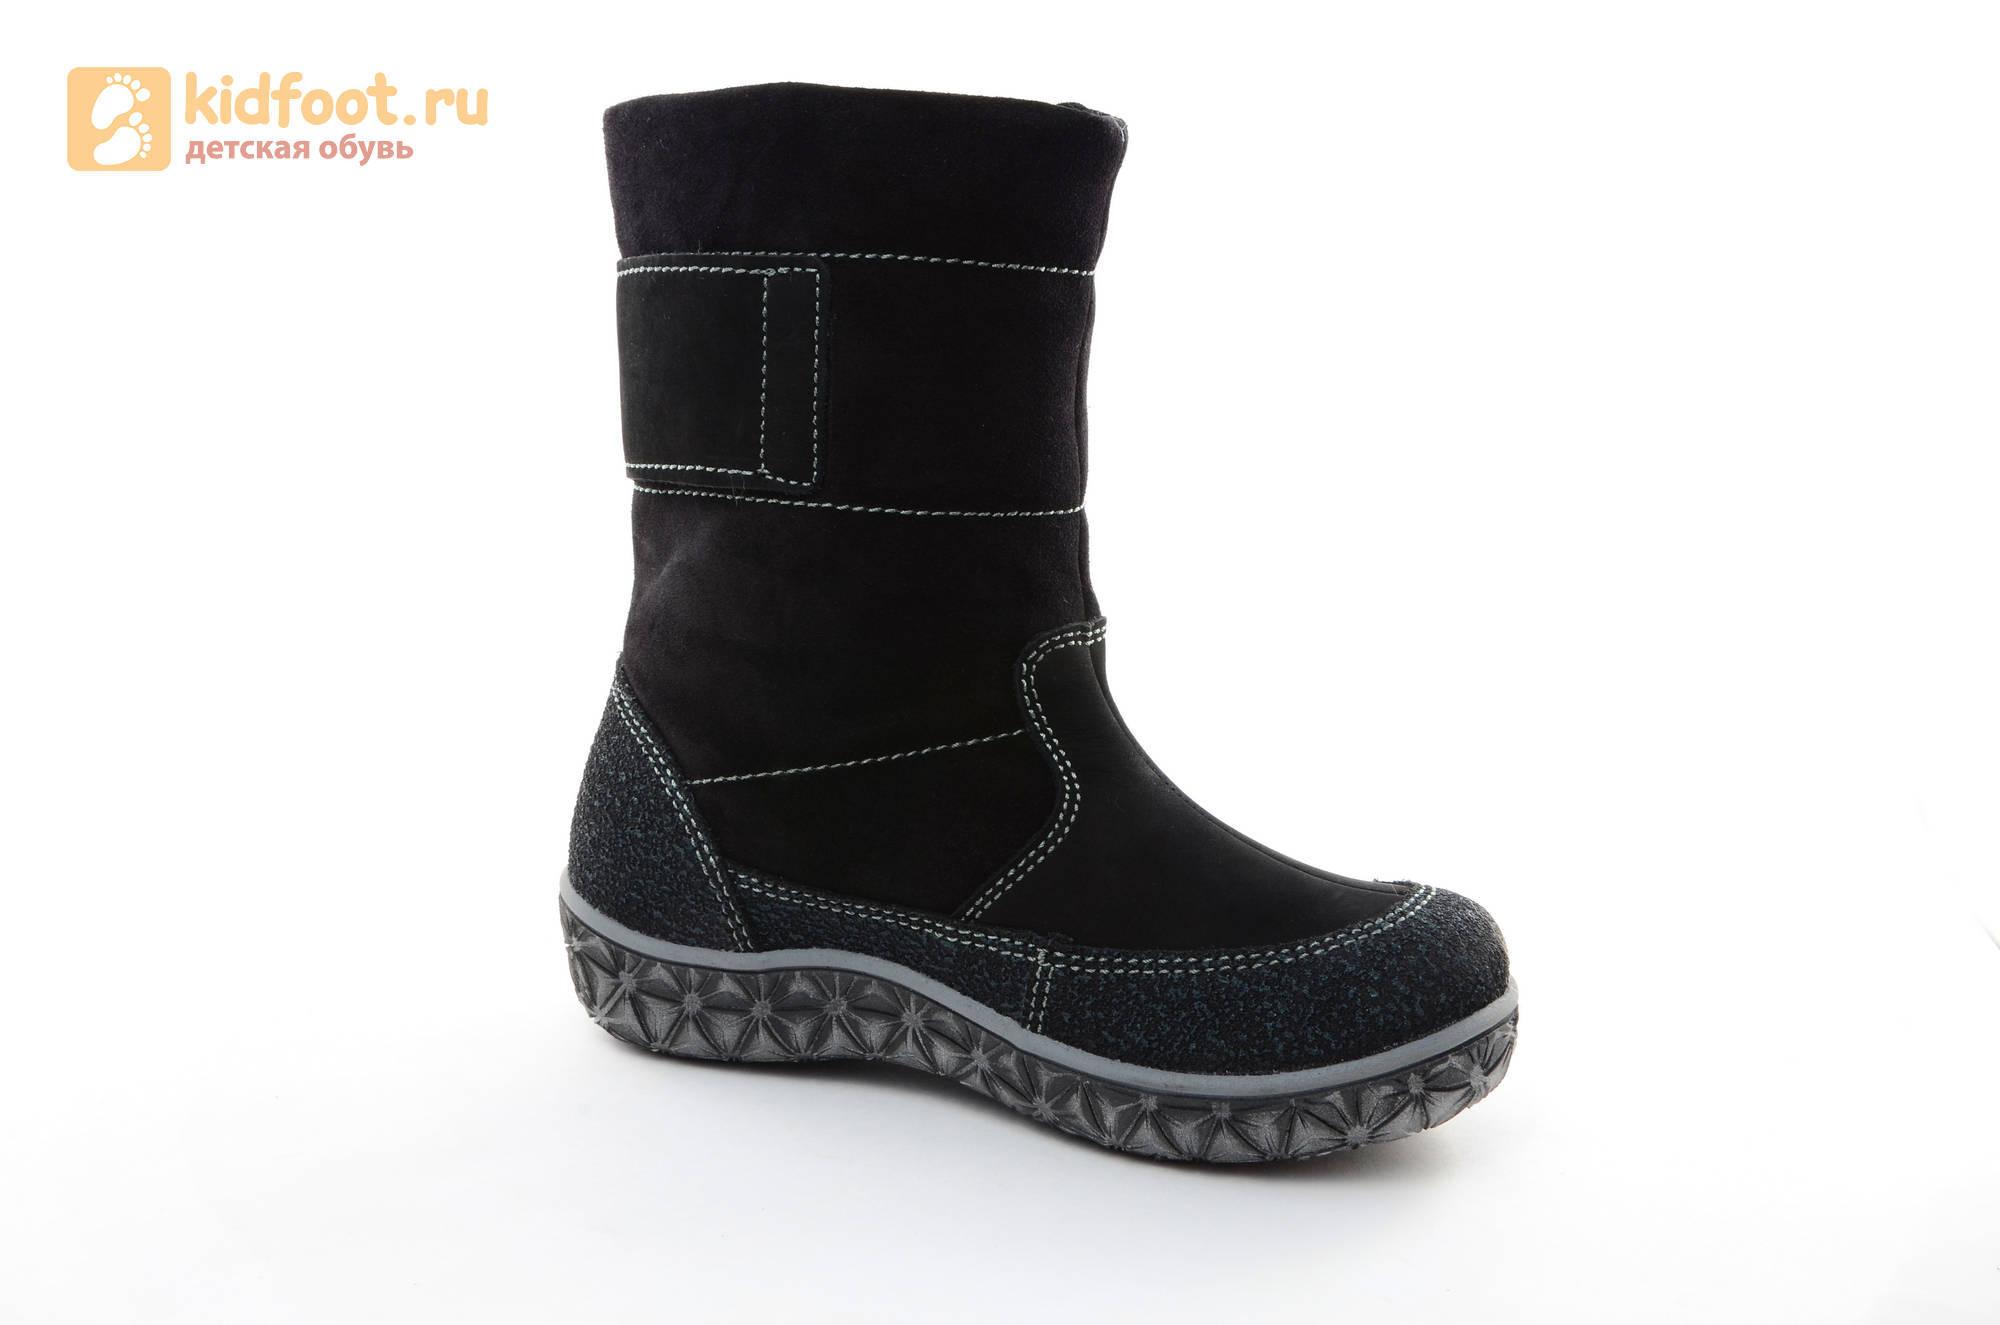 Зимние сапоги для мальчиков Лель из натуральной кожи на натуральном меху, цвет черный